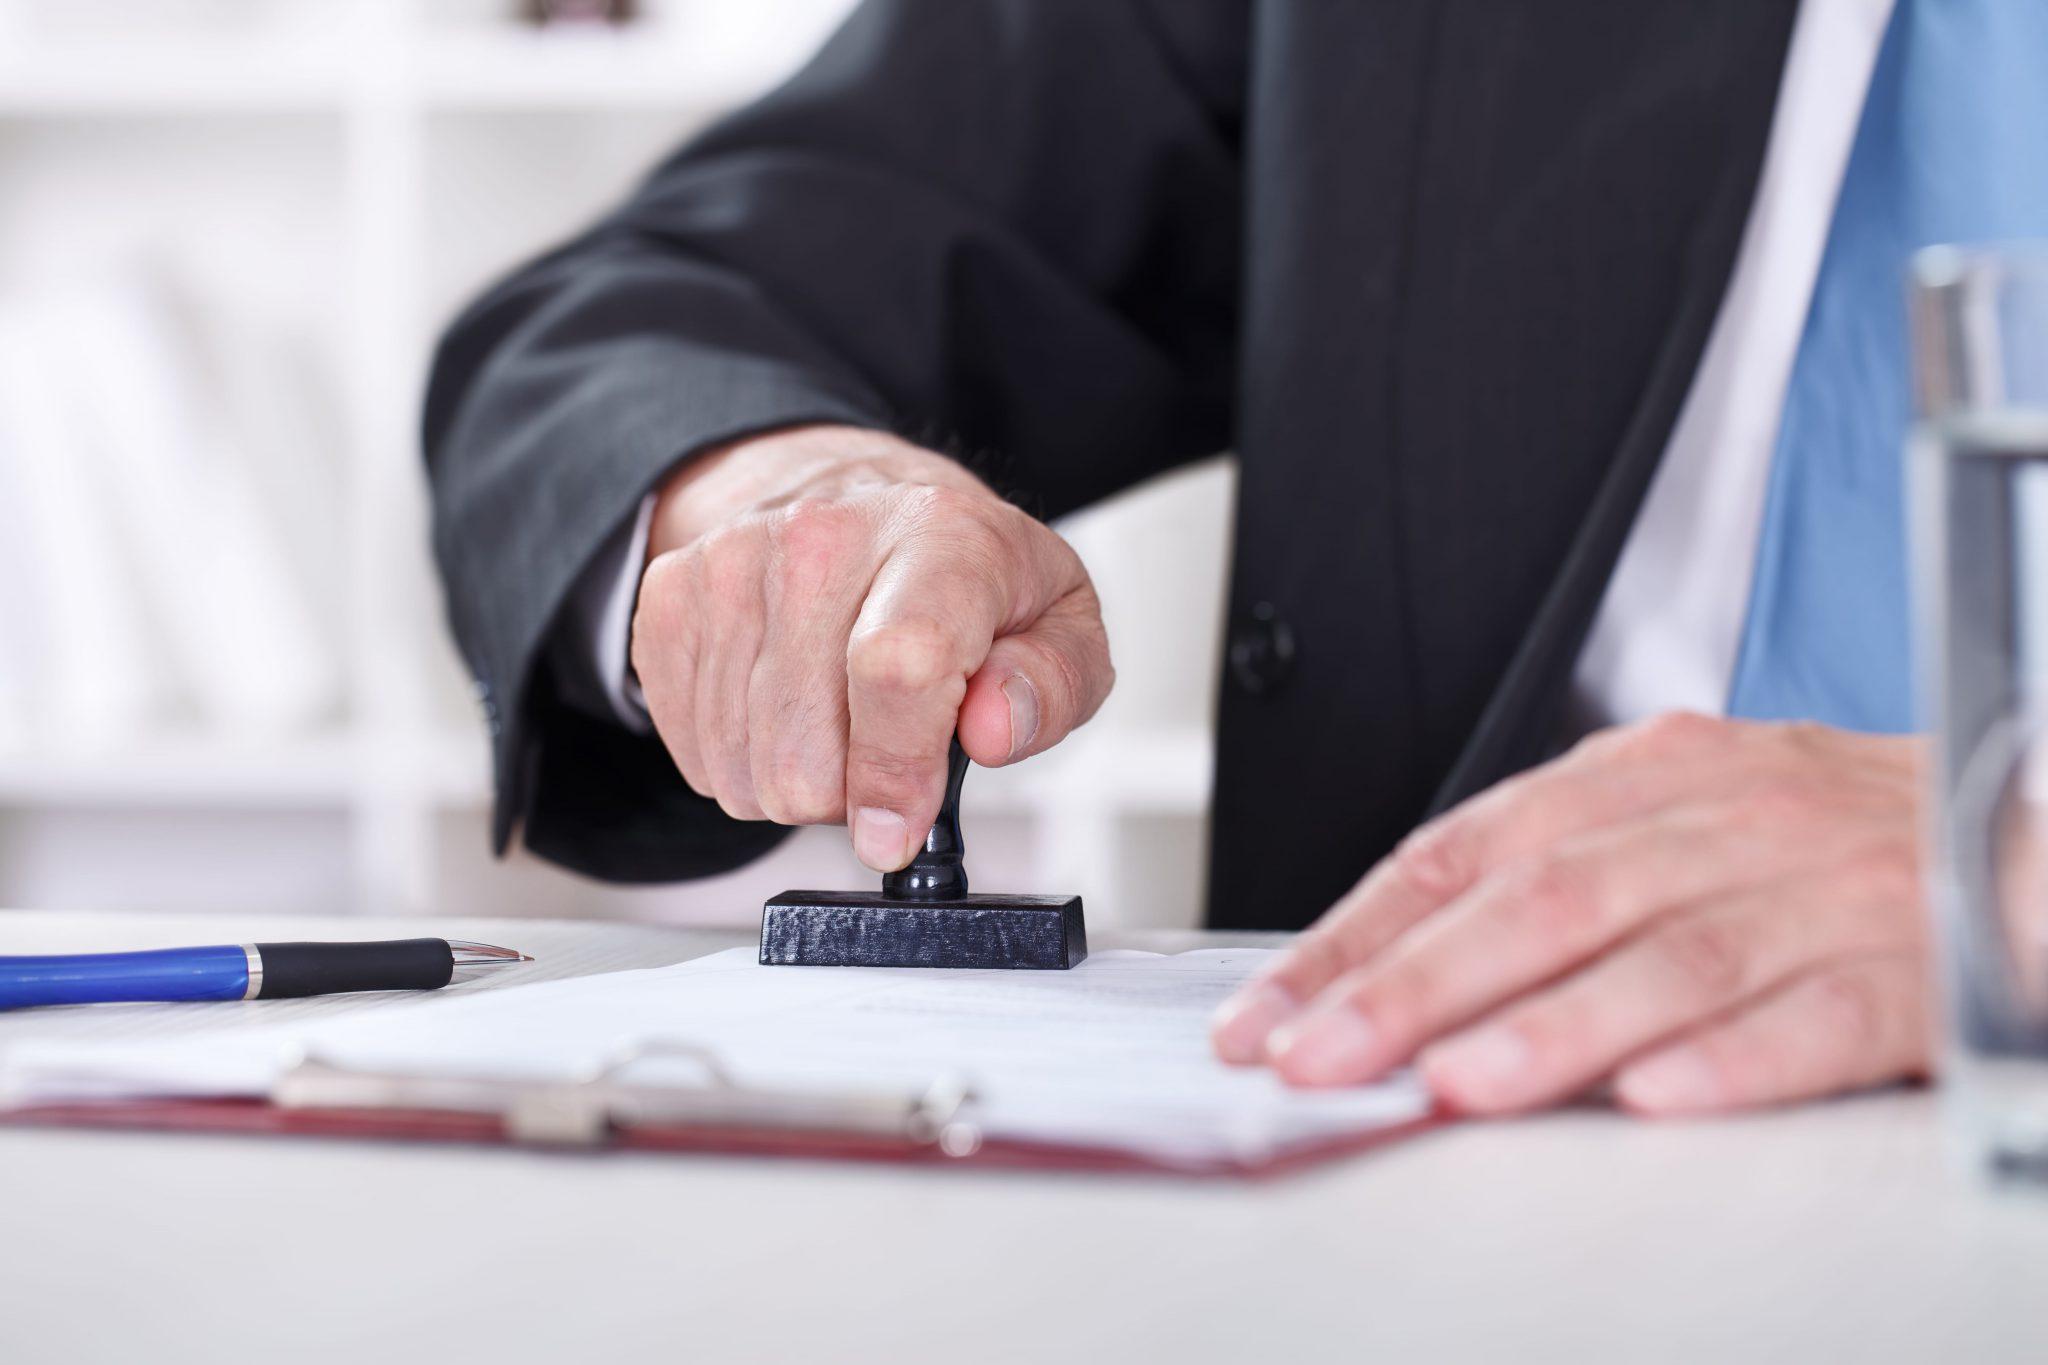 Ещё 10 регионов предоставили антикризисные меры поддержки организациям-владельцам налогооблагаемого имущества